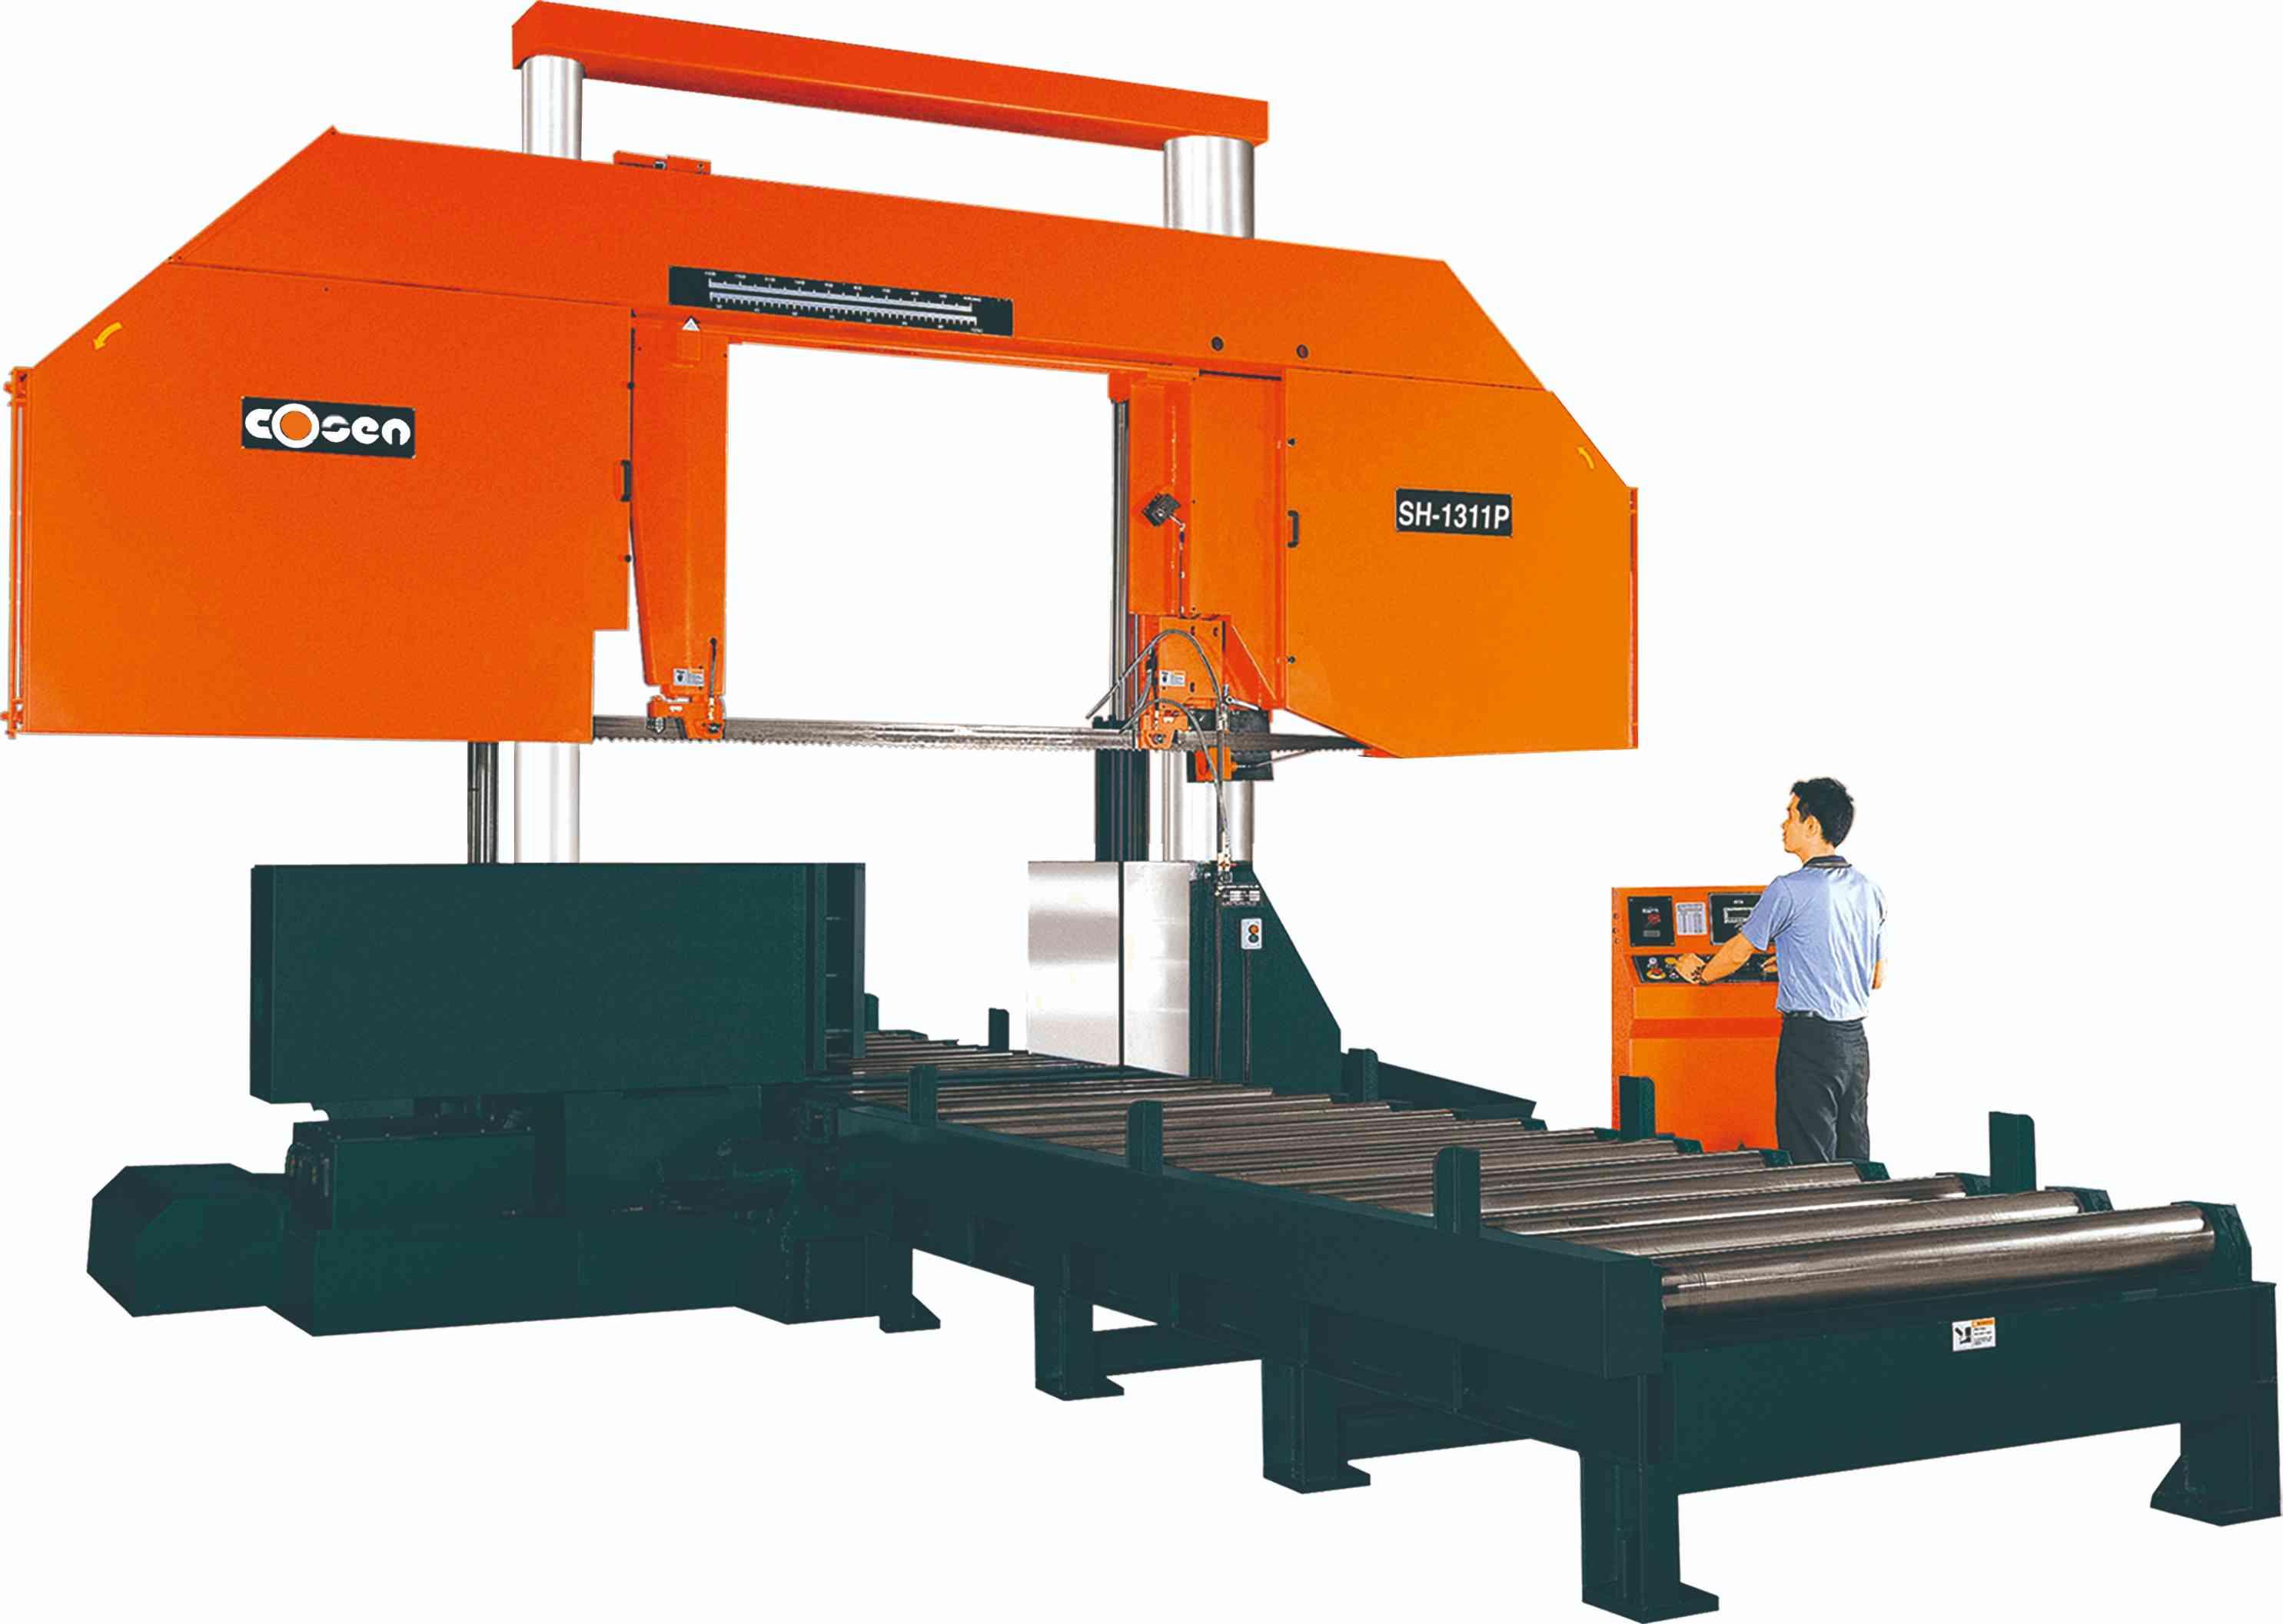 浙江重切削系列大型龍門雙柱帶鋸床|廈門哪里能買到重切削大型龍門雙柱帶鋸床SH-1311P